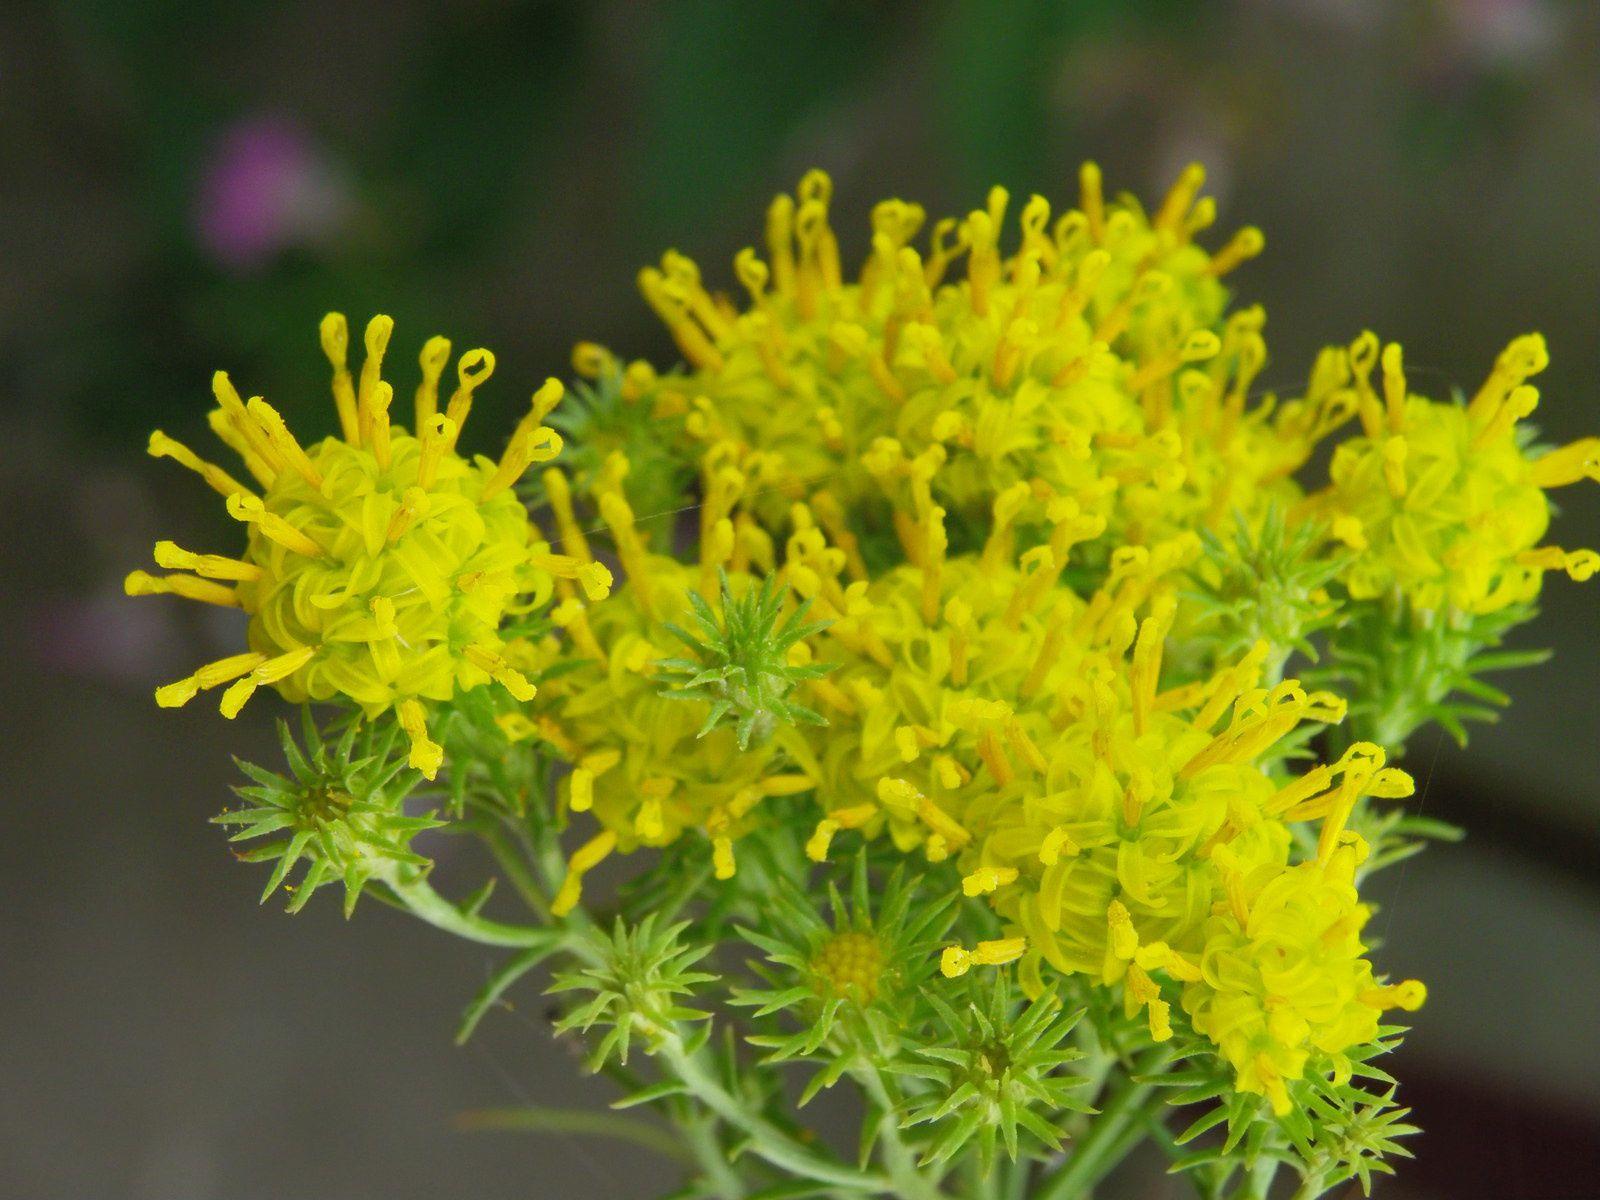 Les fleurs épanouies s'ouvrent en étoiles à 5 branches